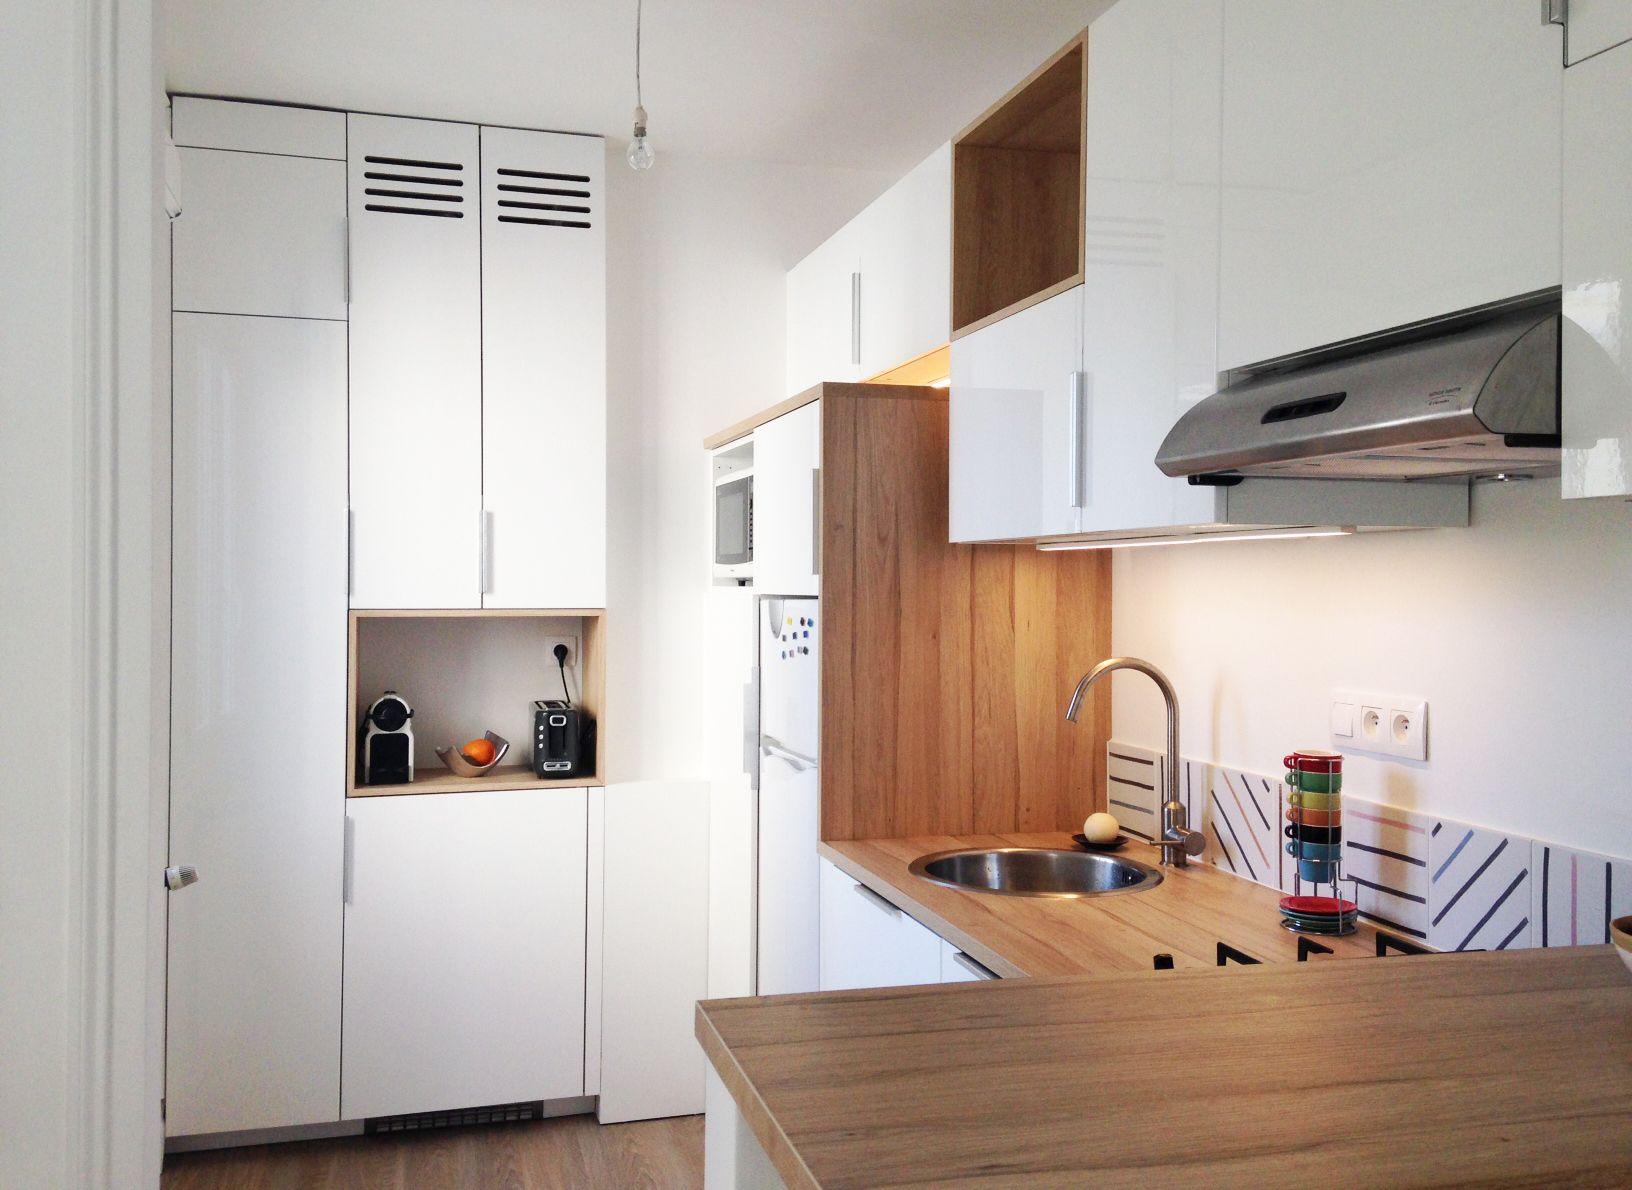 cuisine ikea laqu e blanche et stratifi ch ne d tails sur mesure pour placard chaudi re et. Black Bedroom Furniture Sets. Home Design Ideas